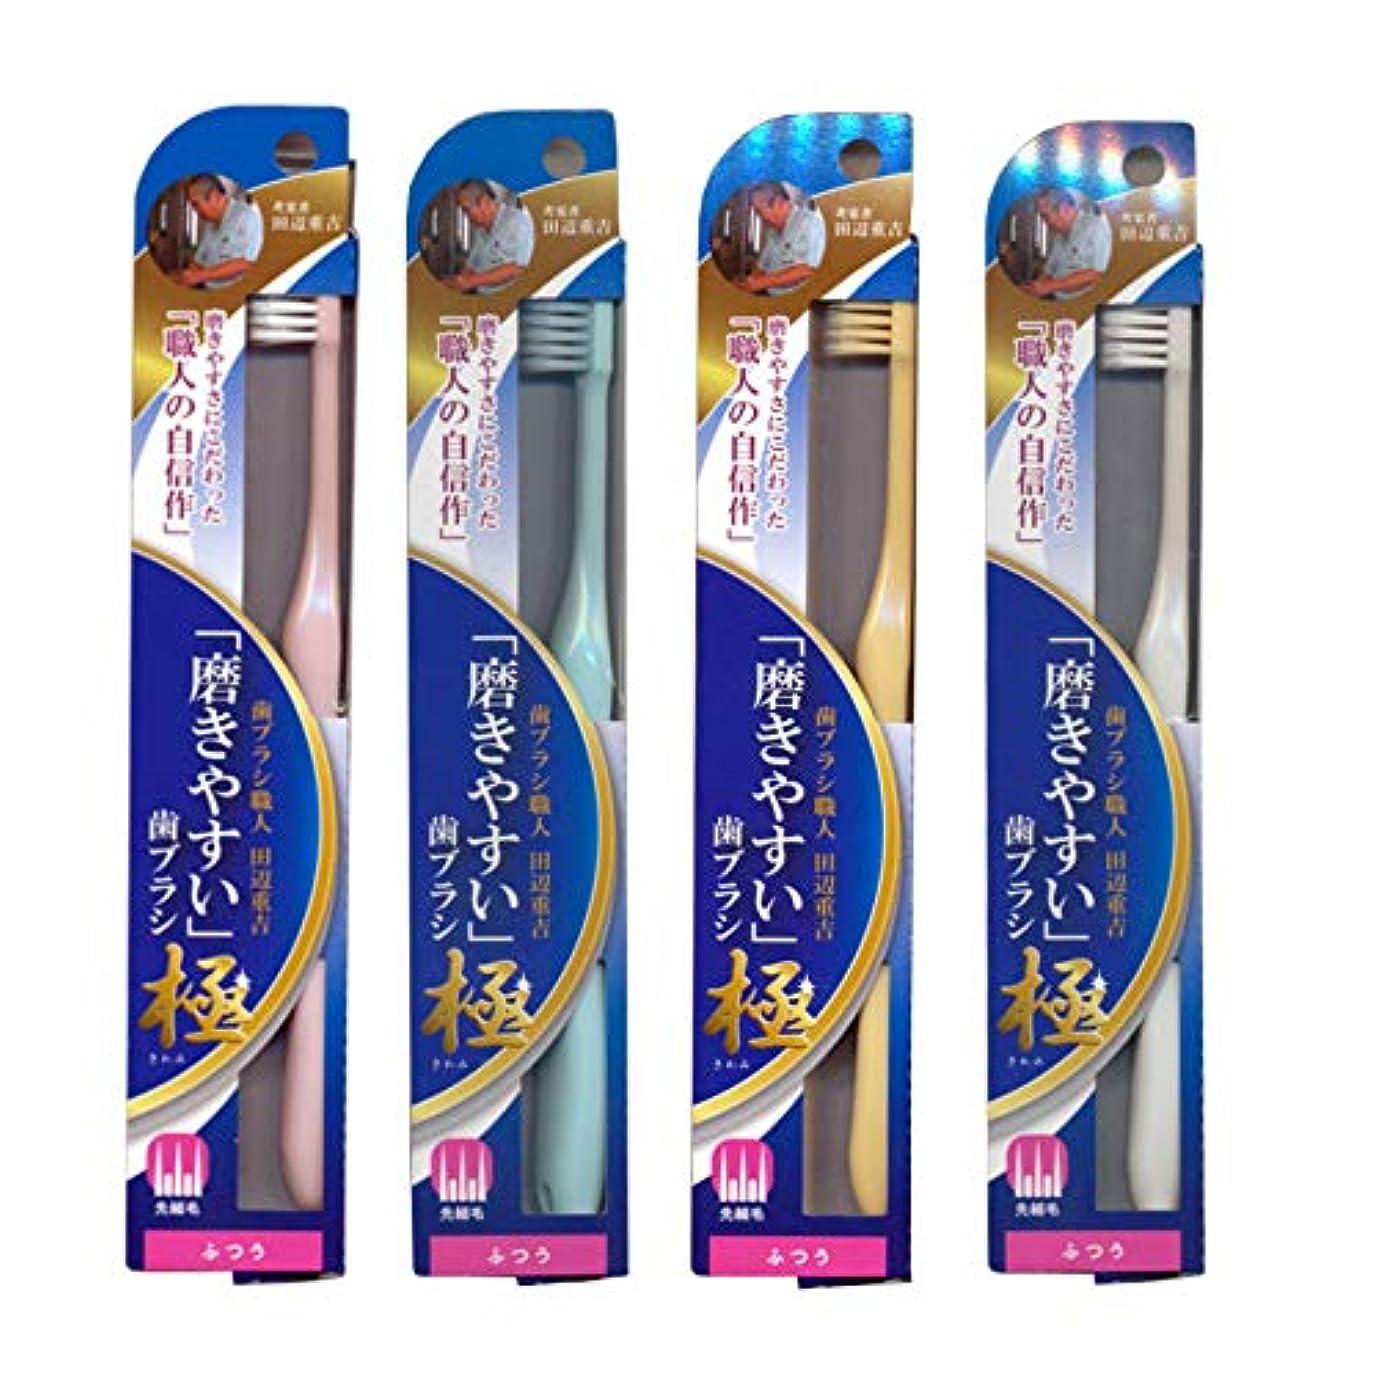 吐くルアーきしむ磨きやすい歯ブラシ極 (ふつう) LT-44×4本セット(ピンク×1、ブルー×1、ホワイト×1、イエロー×1)先細毛